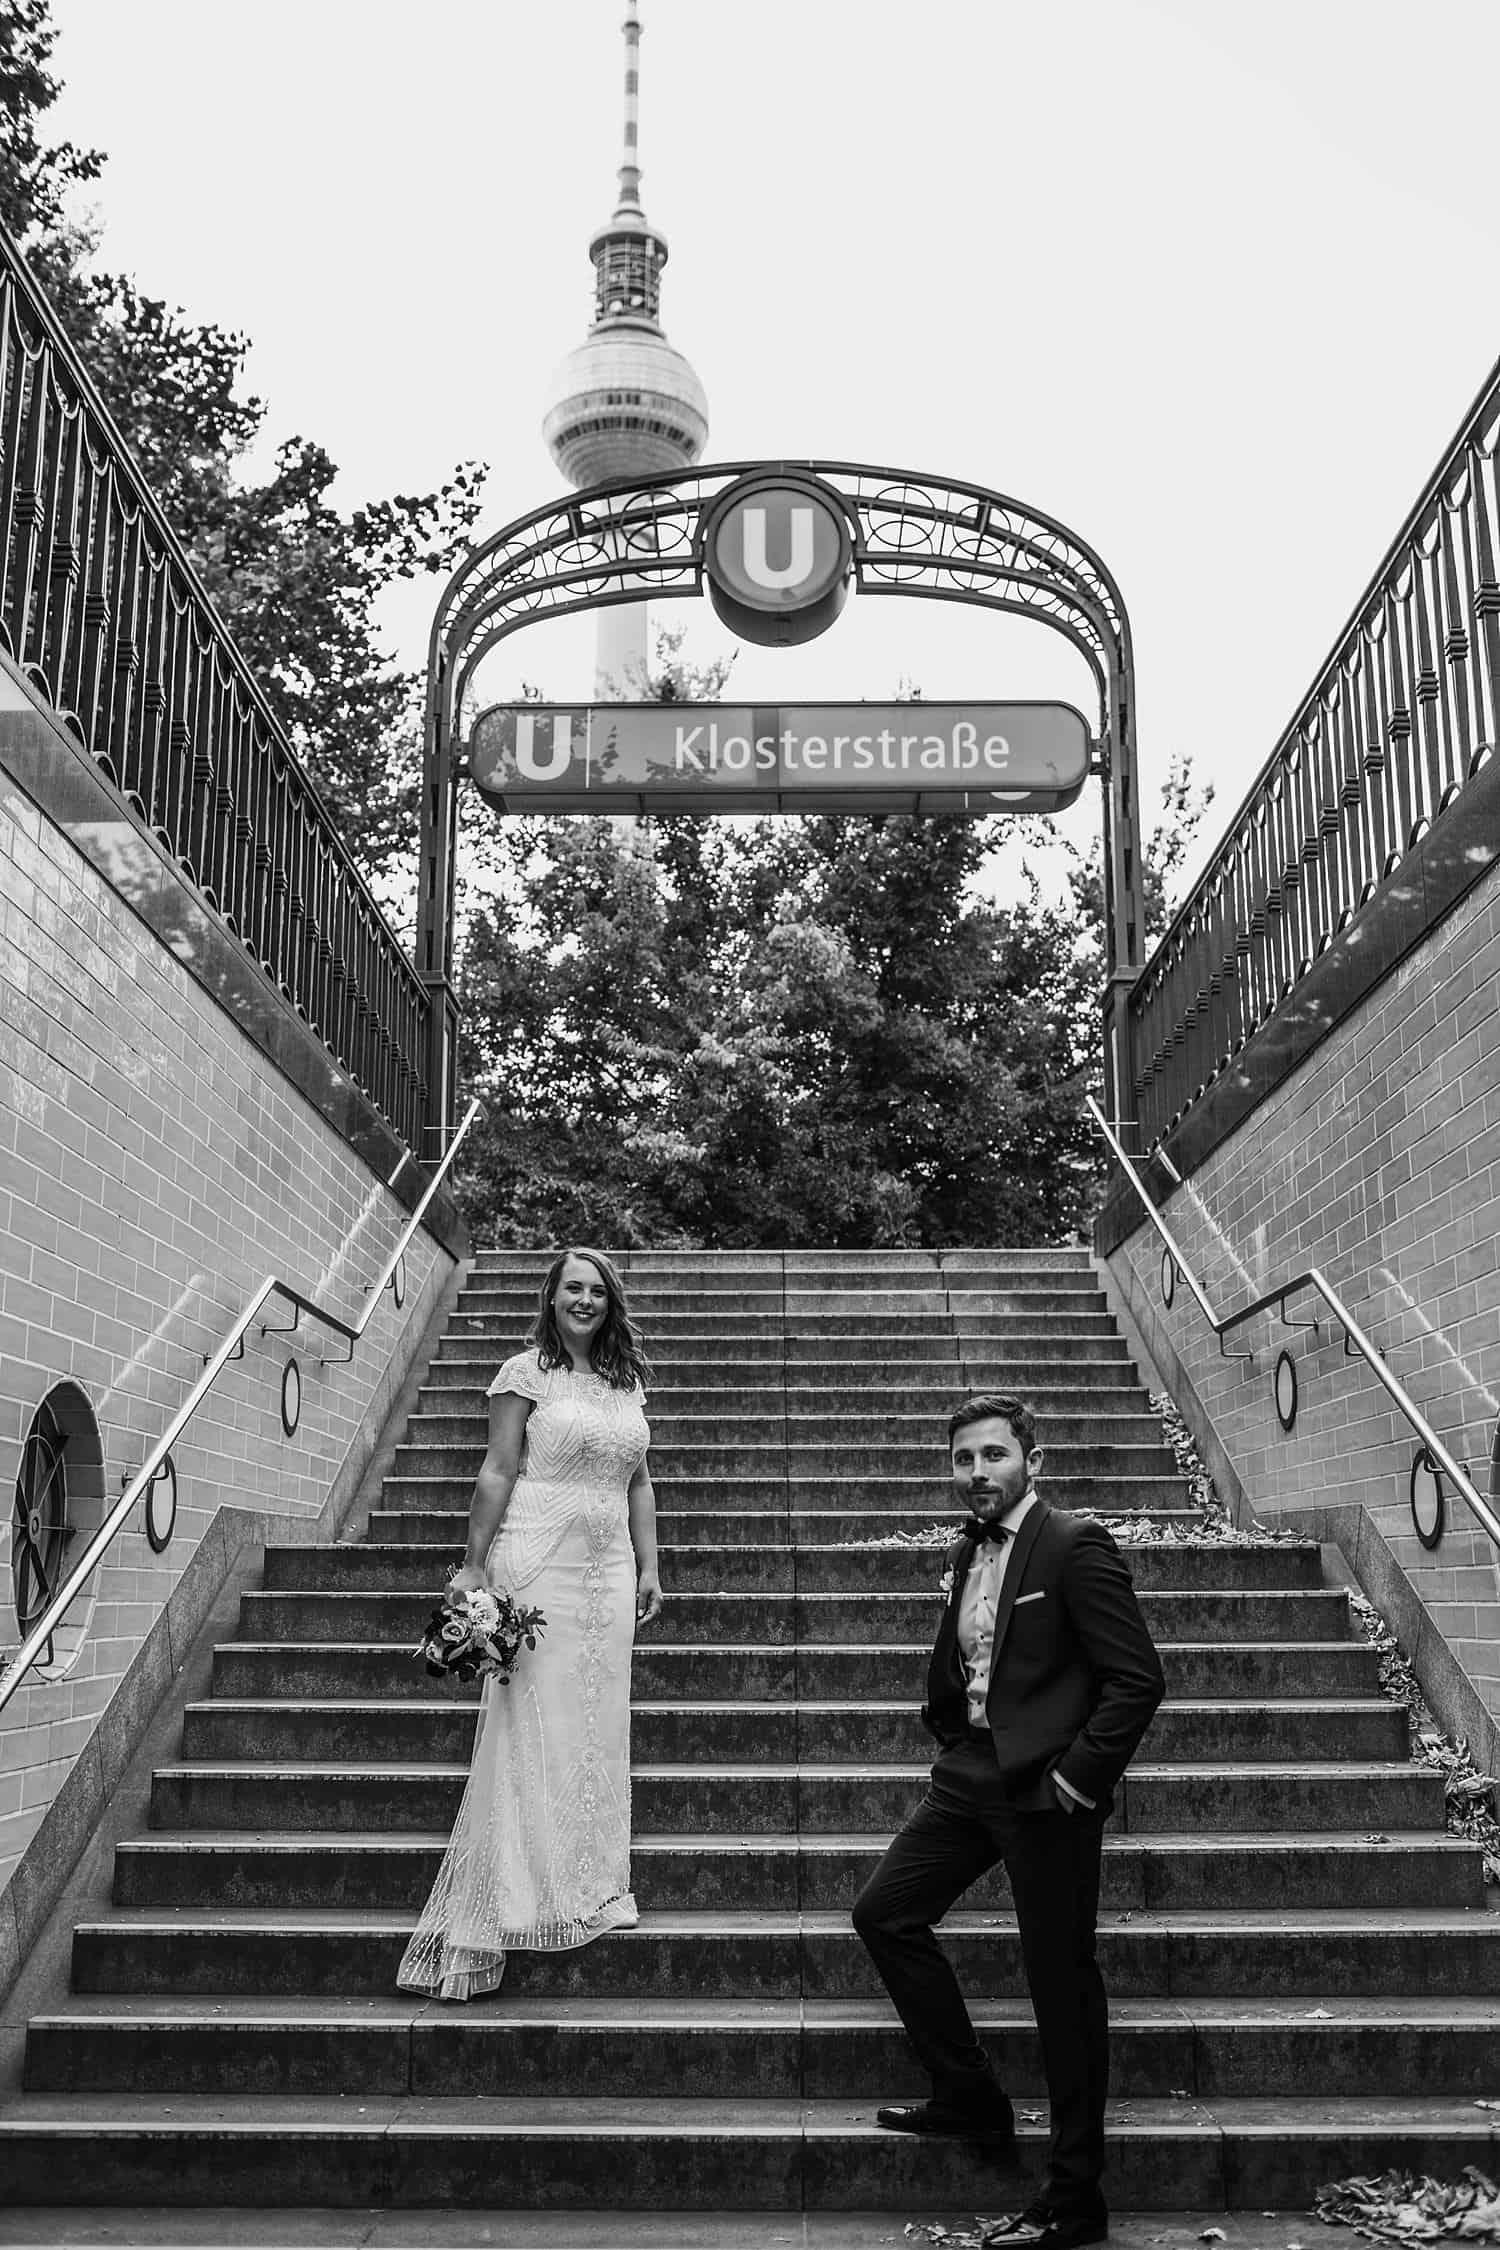 brautpaarshooting berlin mitte Klosterstrasse Ubahn Hochzeitsfotos - Hochzeitsfotograf Berlin Vasil Biuni,